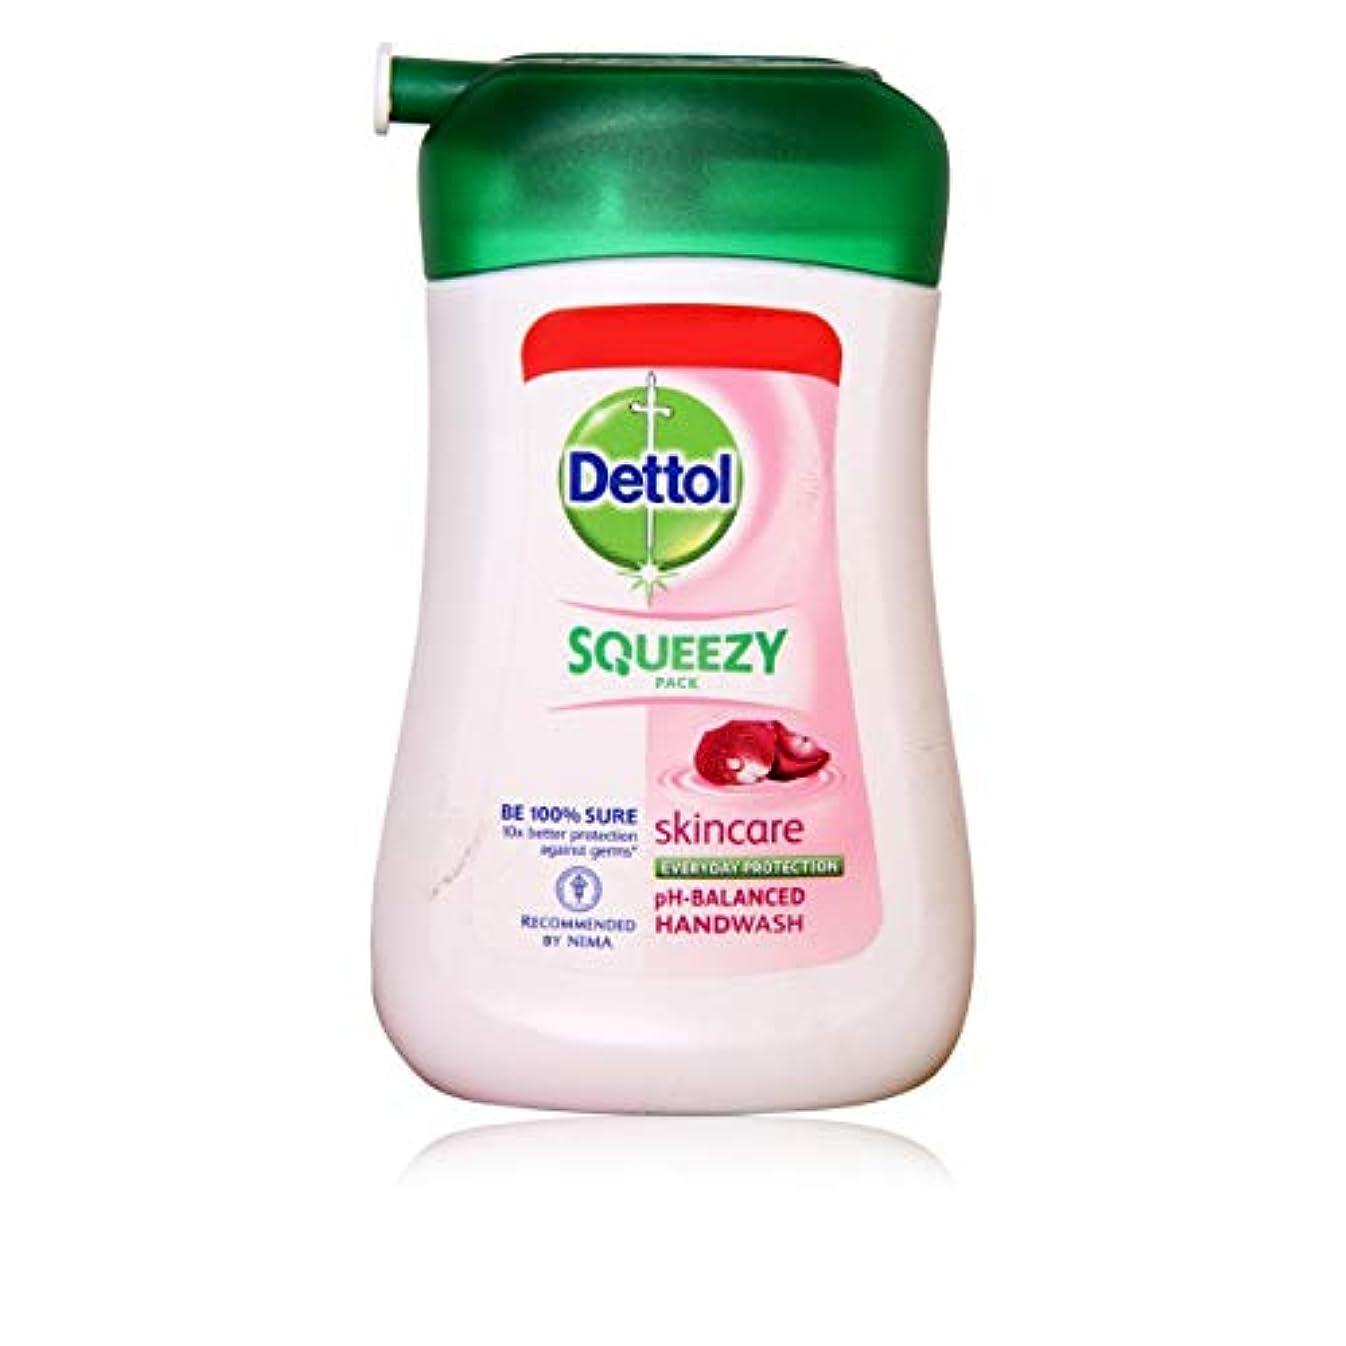 時間とともに階ボーナスDETTOL Squeezy Pack Skincare Liquid Hand WASH 100ML